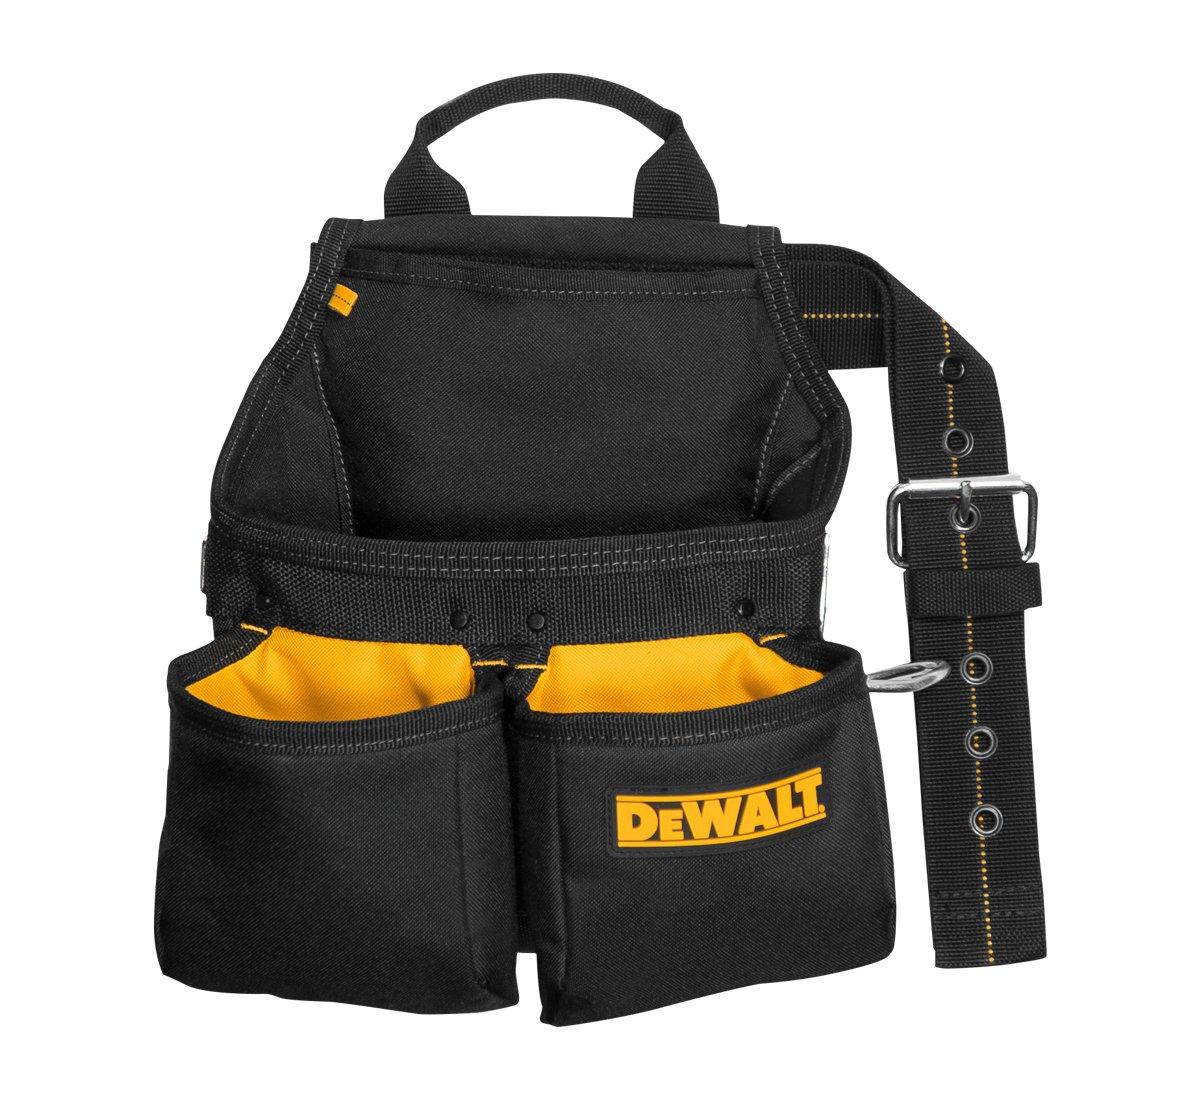 DEWALT DG5663 6 Pocket Framer's Nail & Tool Bag